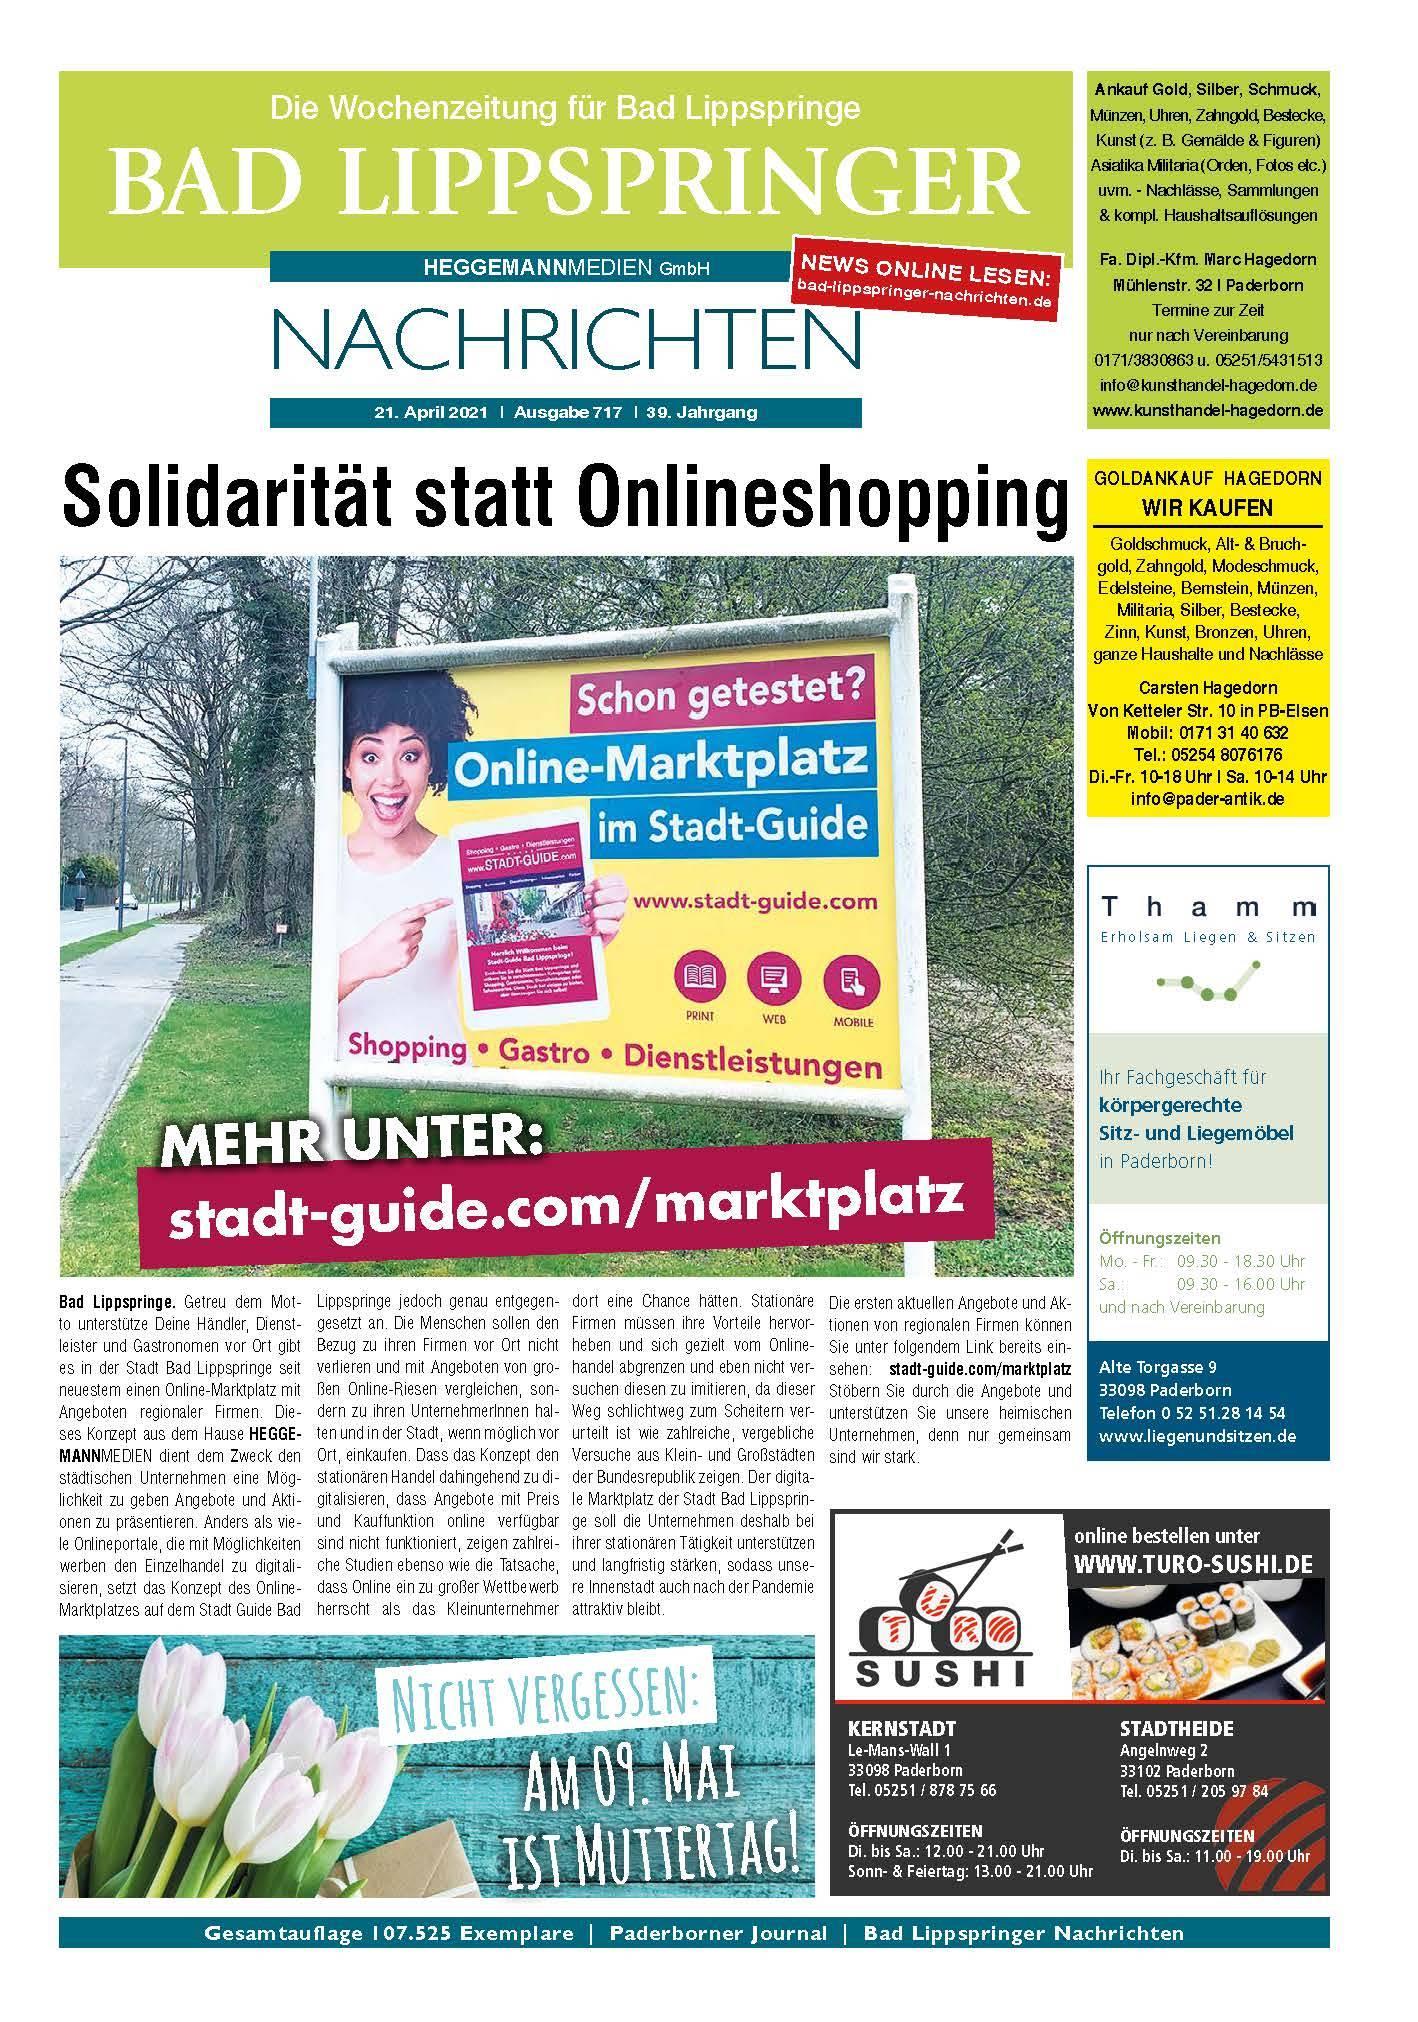 Bad Lippspringer Nachrichten Ausgabe 717